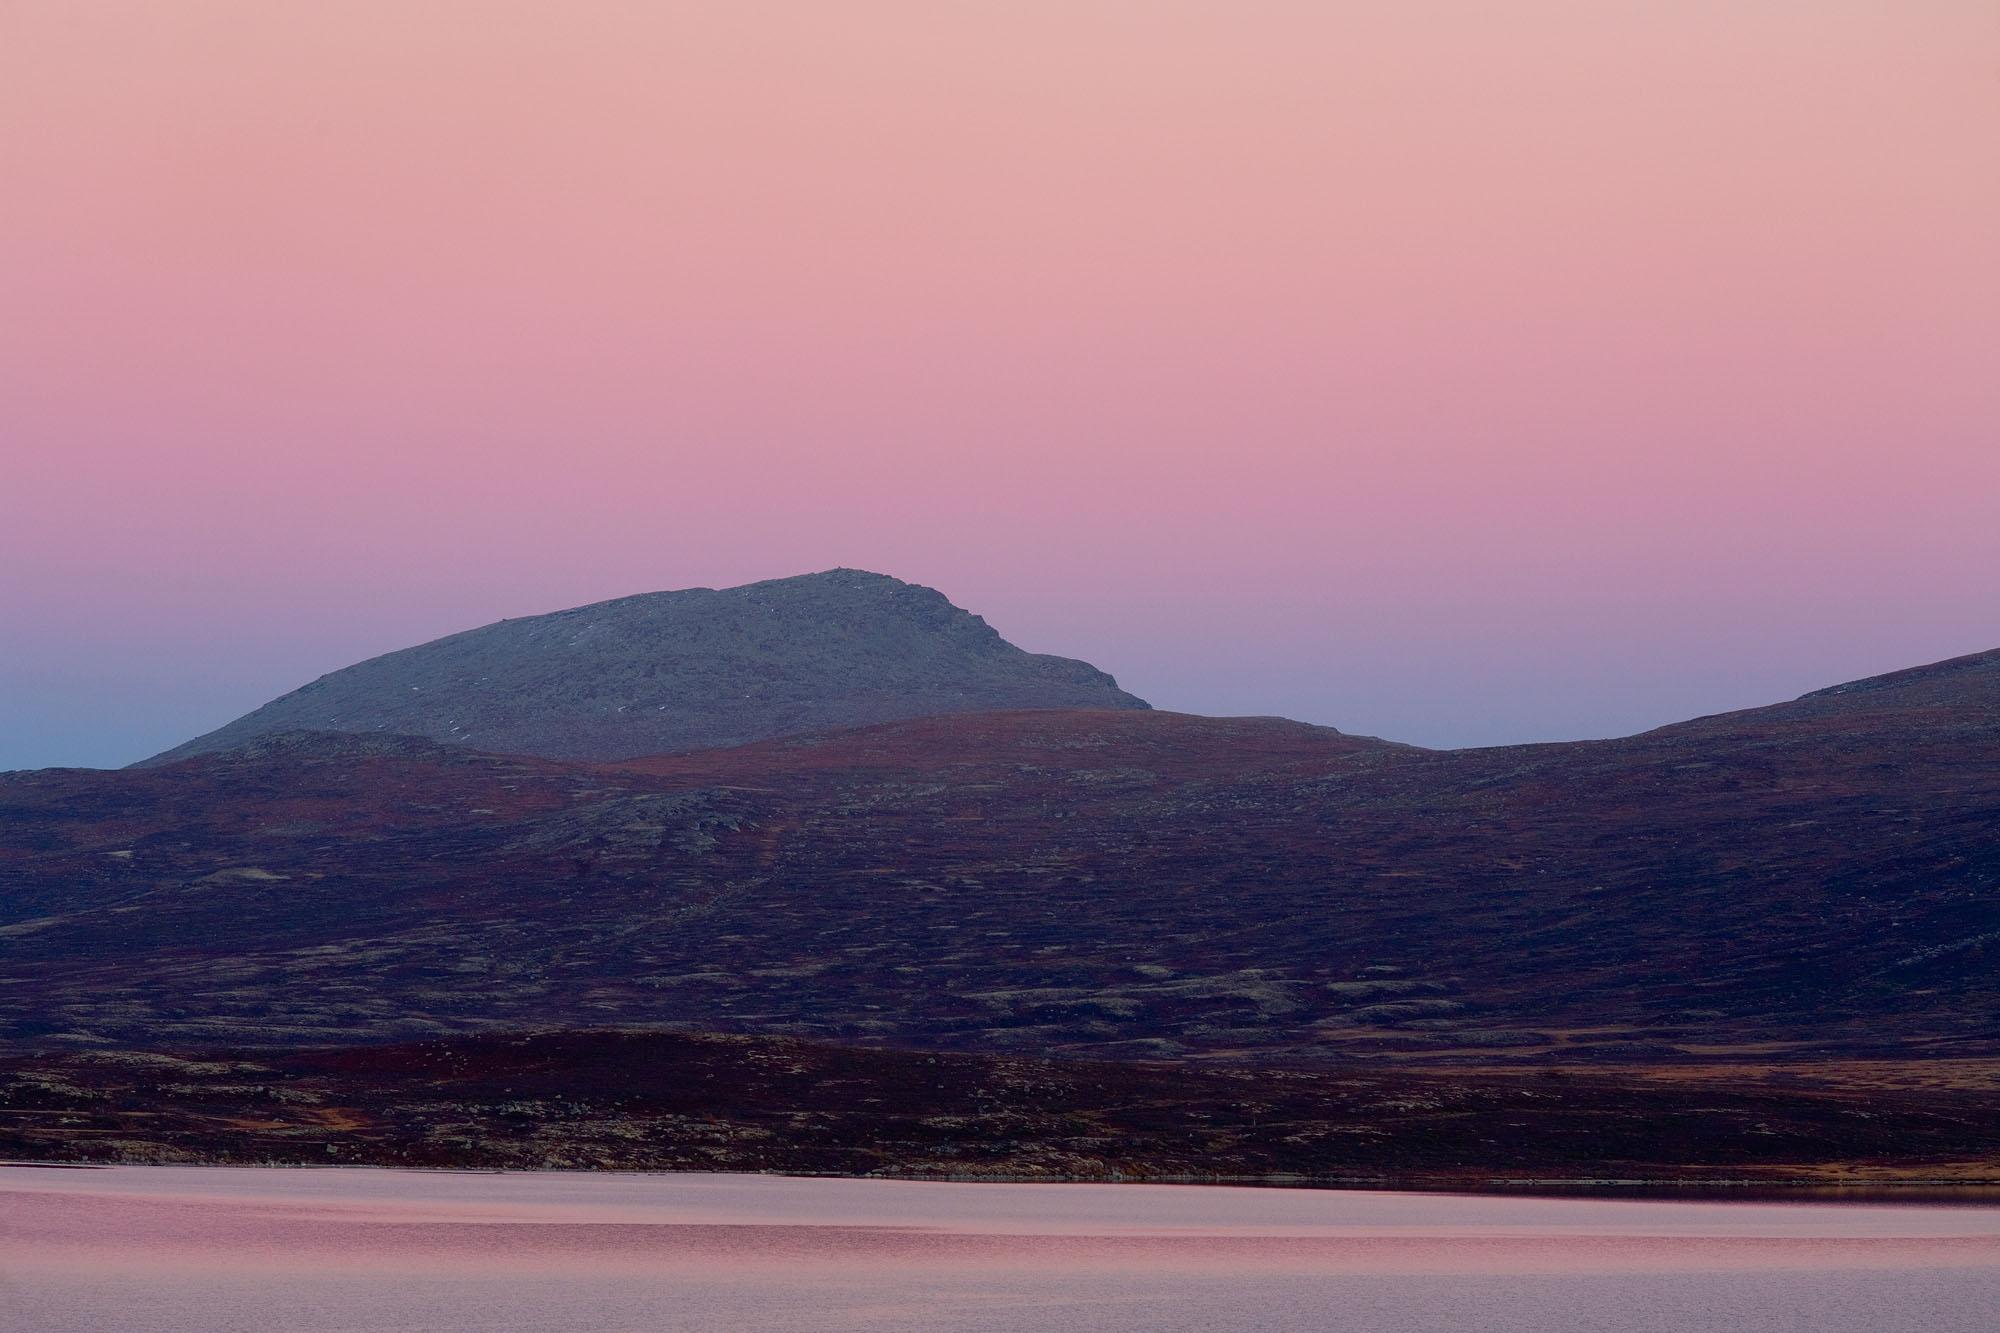 Foto van landschap met bergen in paarse kleuren